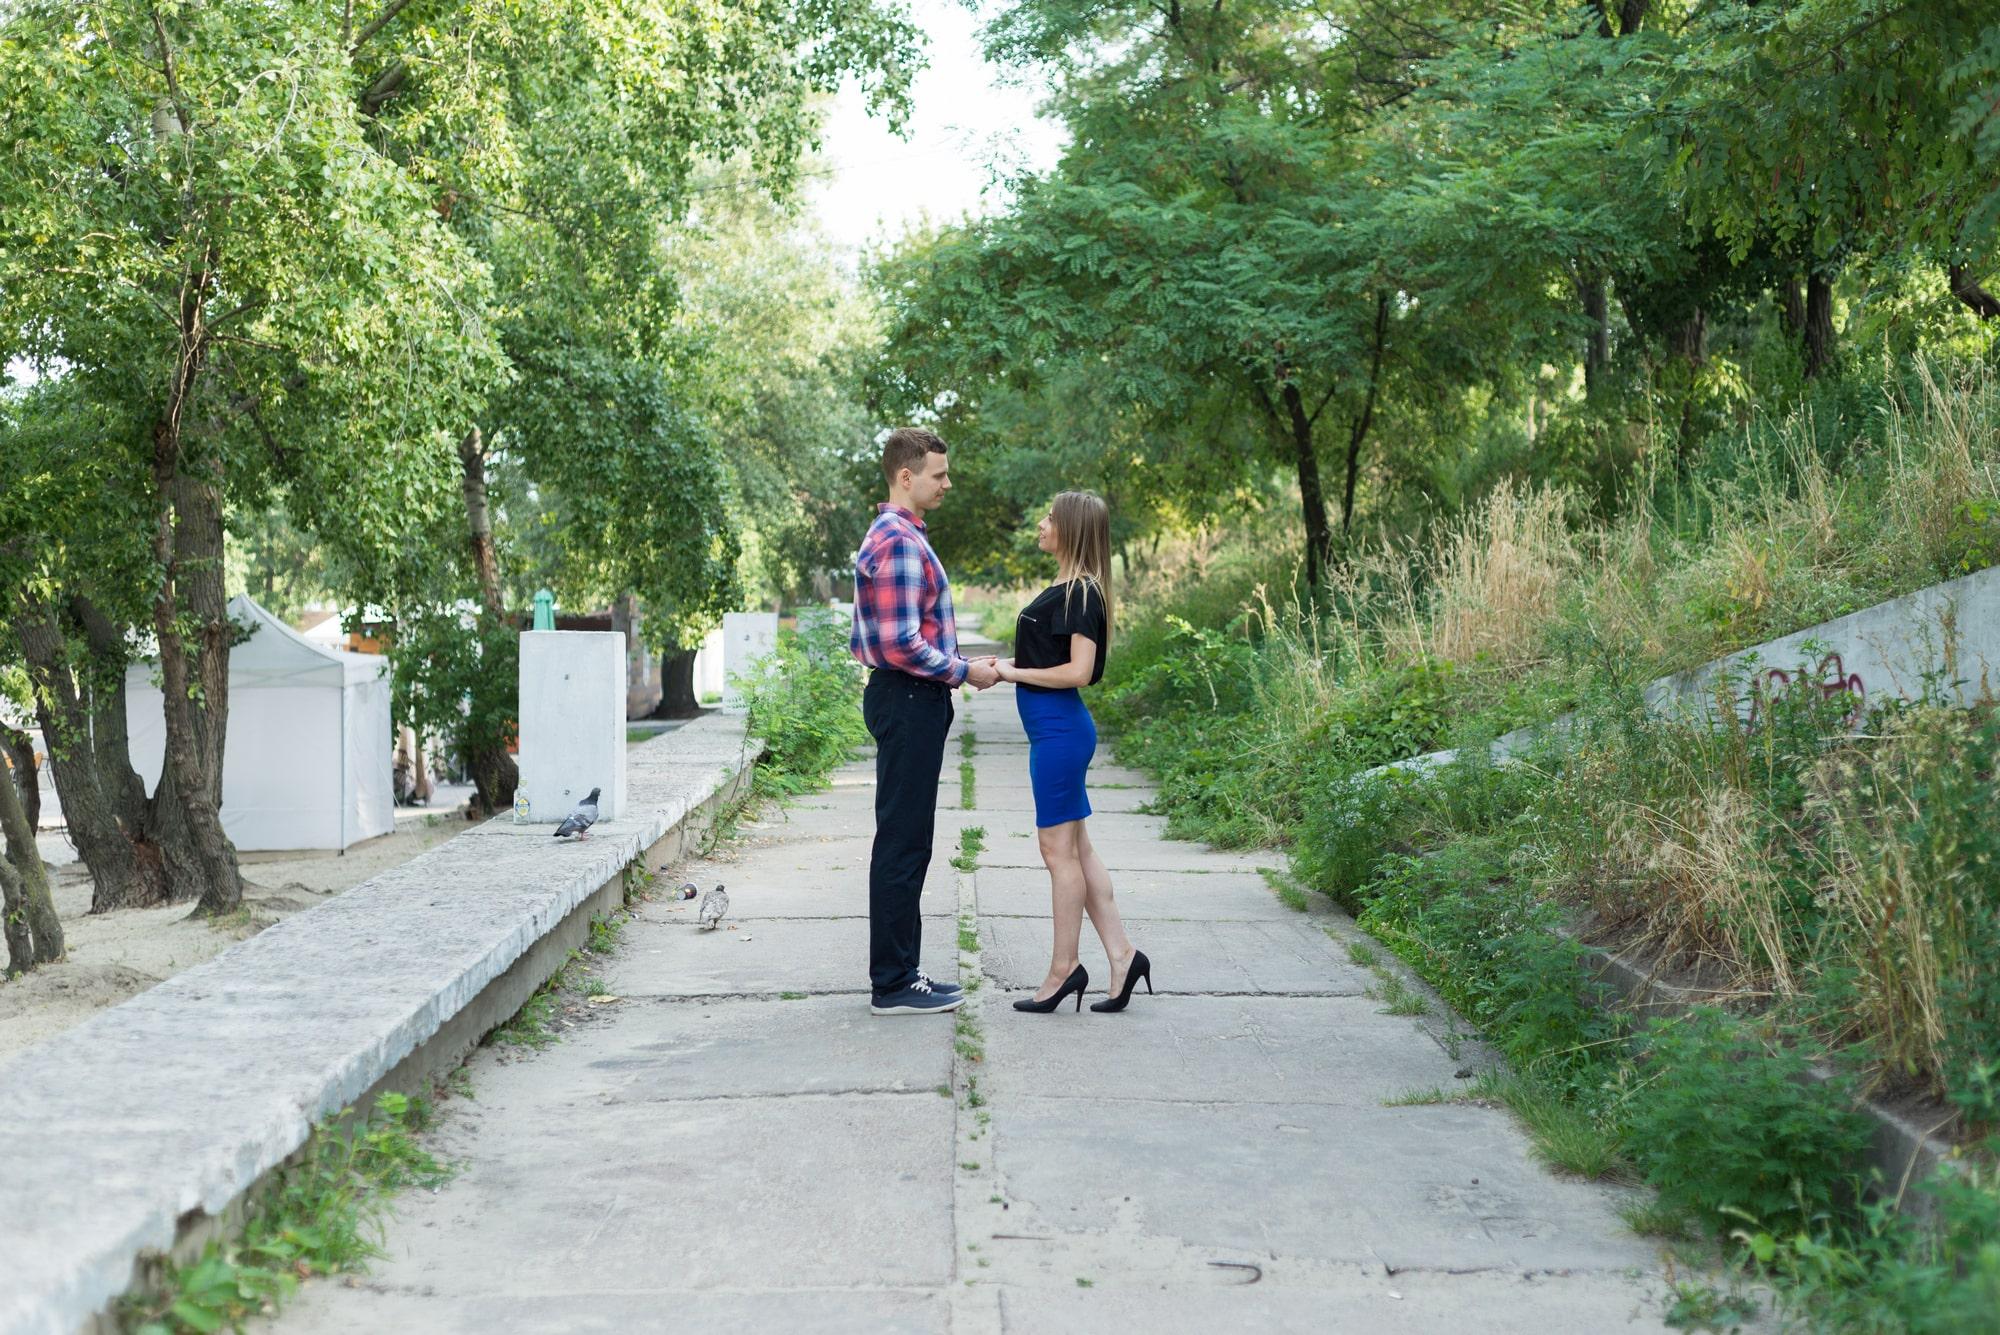 Фотосессия Love Story в Киеве - пара держится за руки